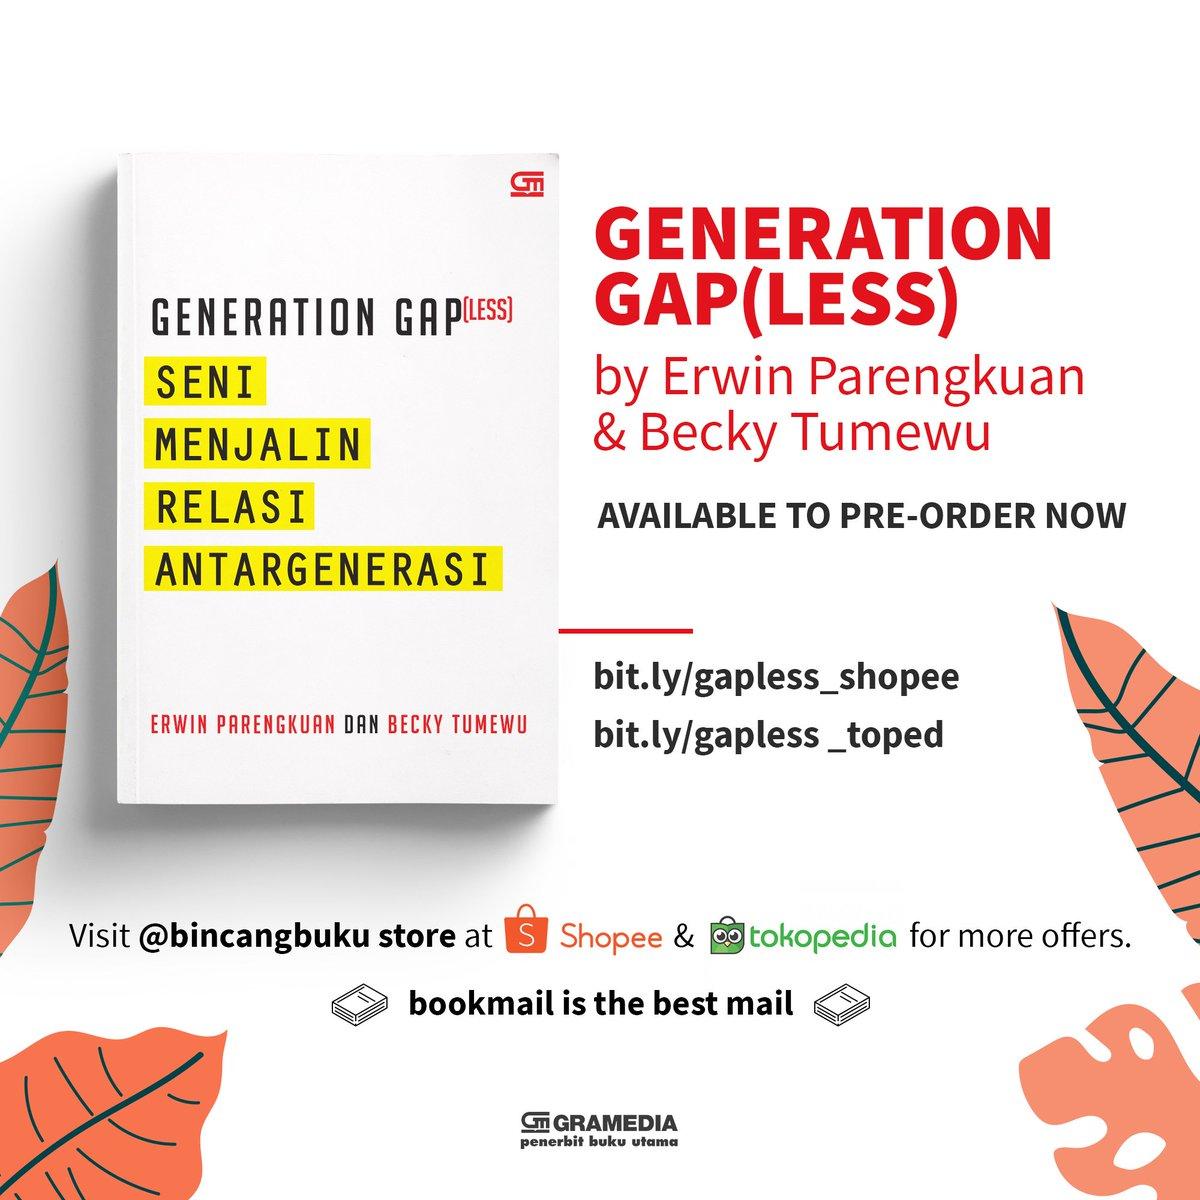 Pasti butuh kiat-kiat untuk berkomunikasi & berelasi dengan orang lain yang berbeda generasi. Silakan manfaatkan buku ini! Pesan di https://t.co/U84K5Fn8xb atau https://t.co/8j9GYmrvqj #bukugpu 😊 https://t.co/sEVIcZZL1F